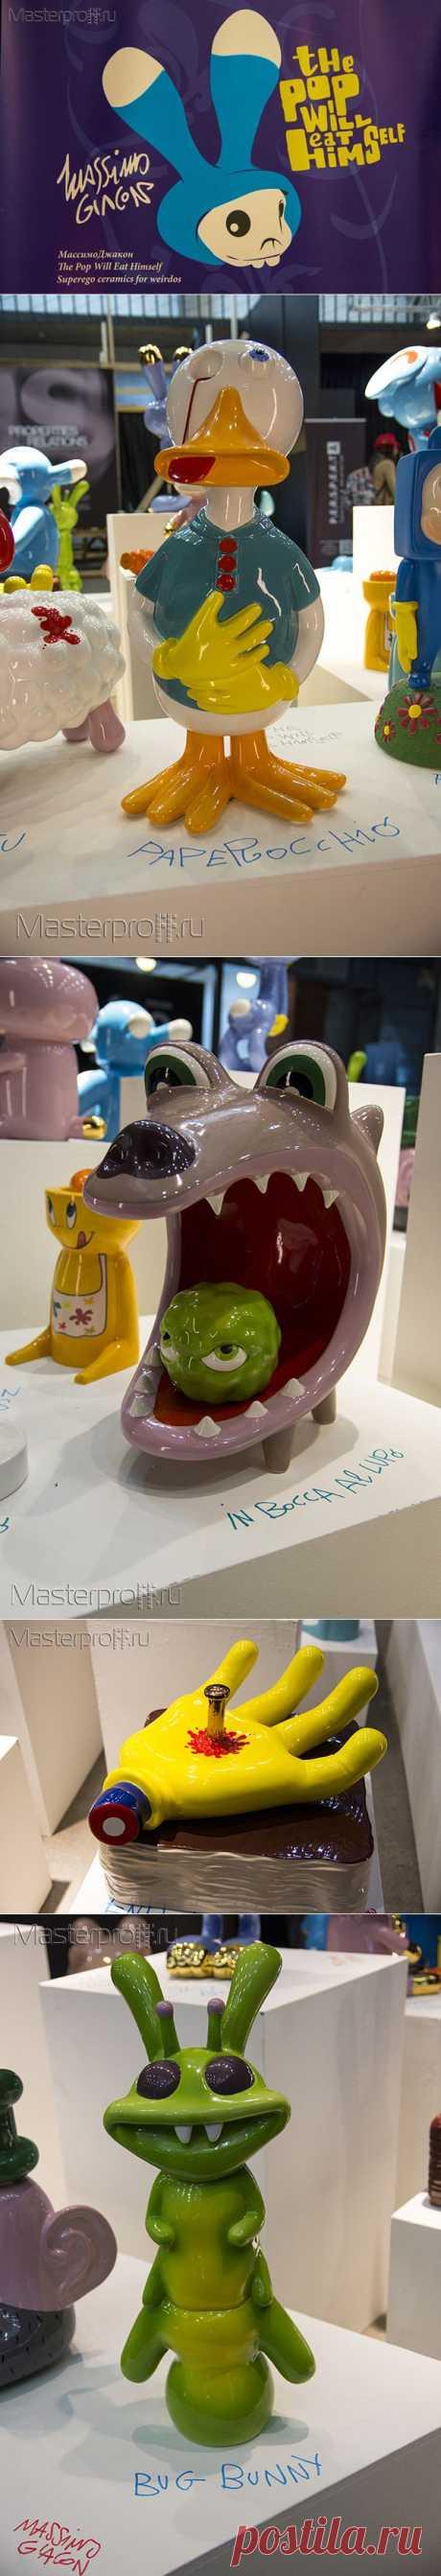 The Pop Will Eat Himself - Керамические скульптуры   Проект керамических скульптур Массимо Джакона разработан в дизайн-студии Superego Editions. Перед зрителями предстает семейство чудовищных, ярких, гротескных, но в то же время очаровательных персонажей